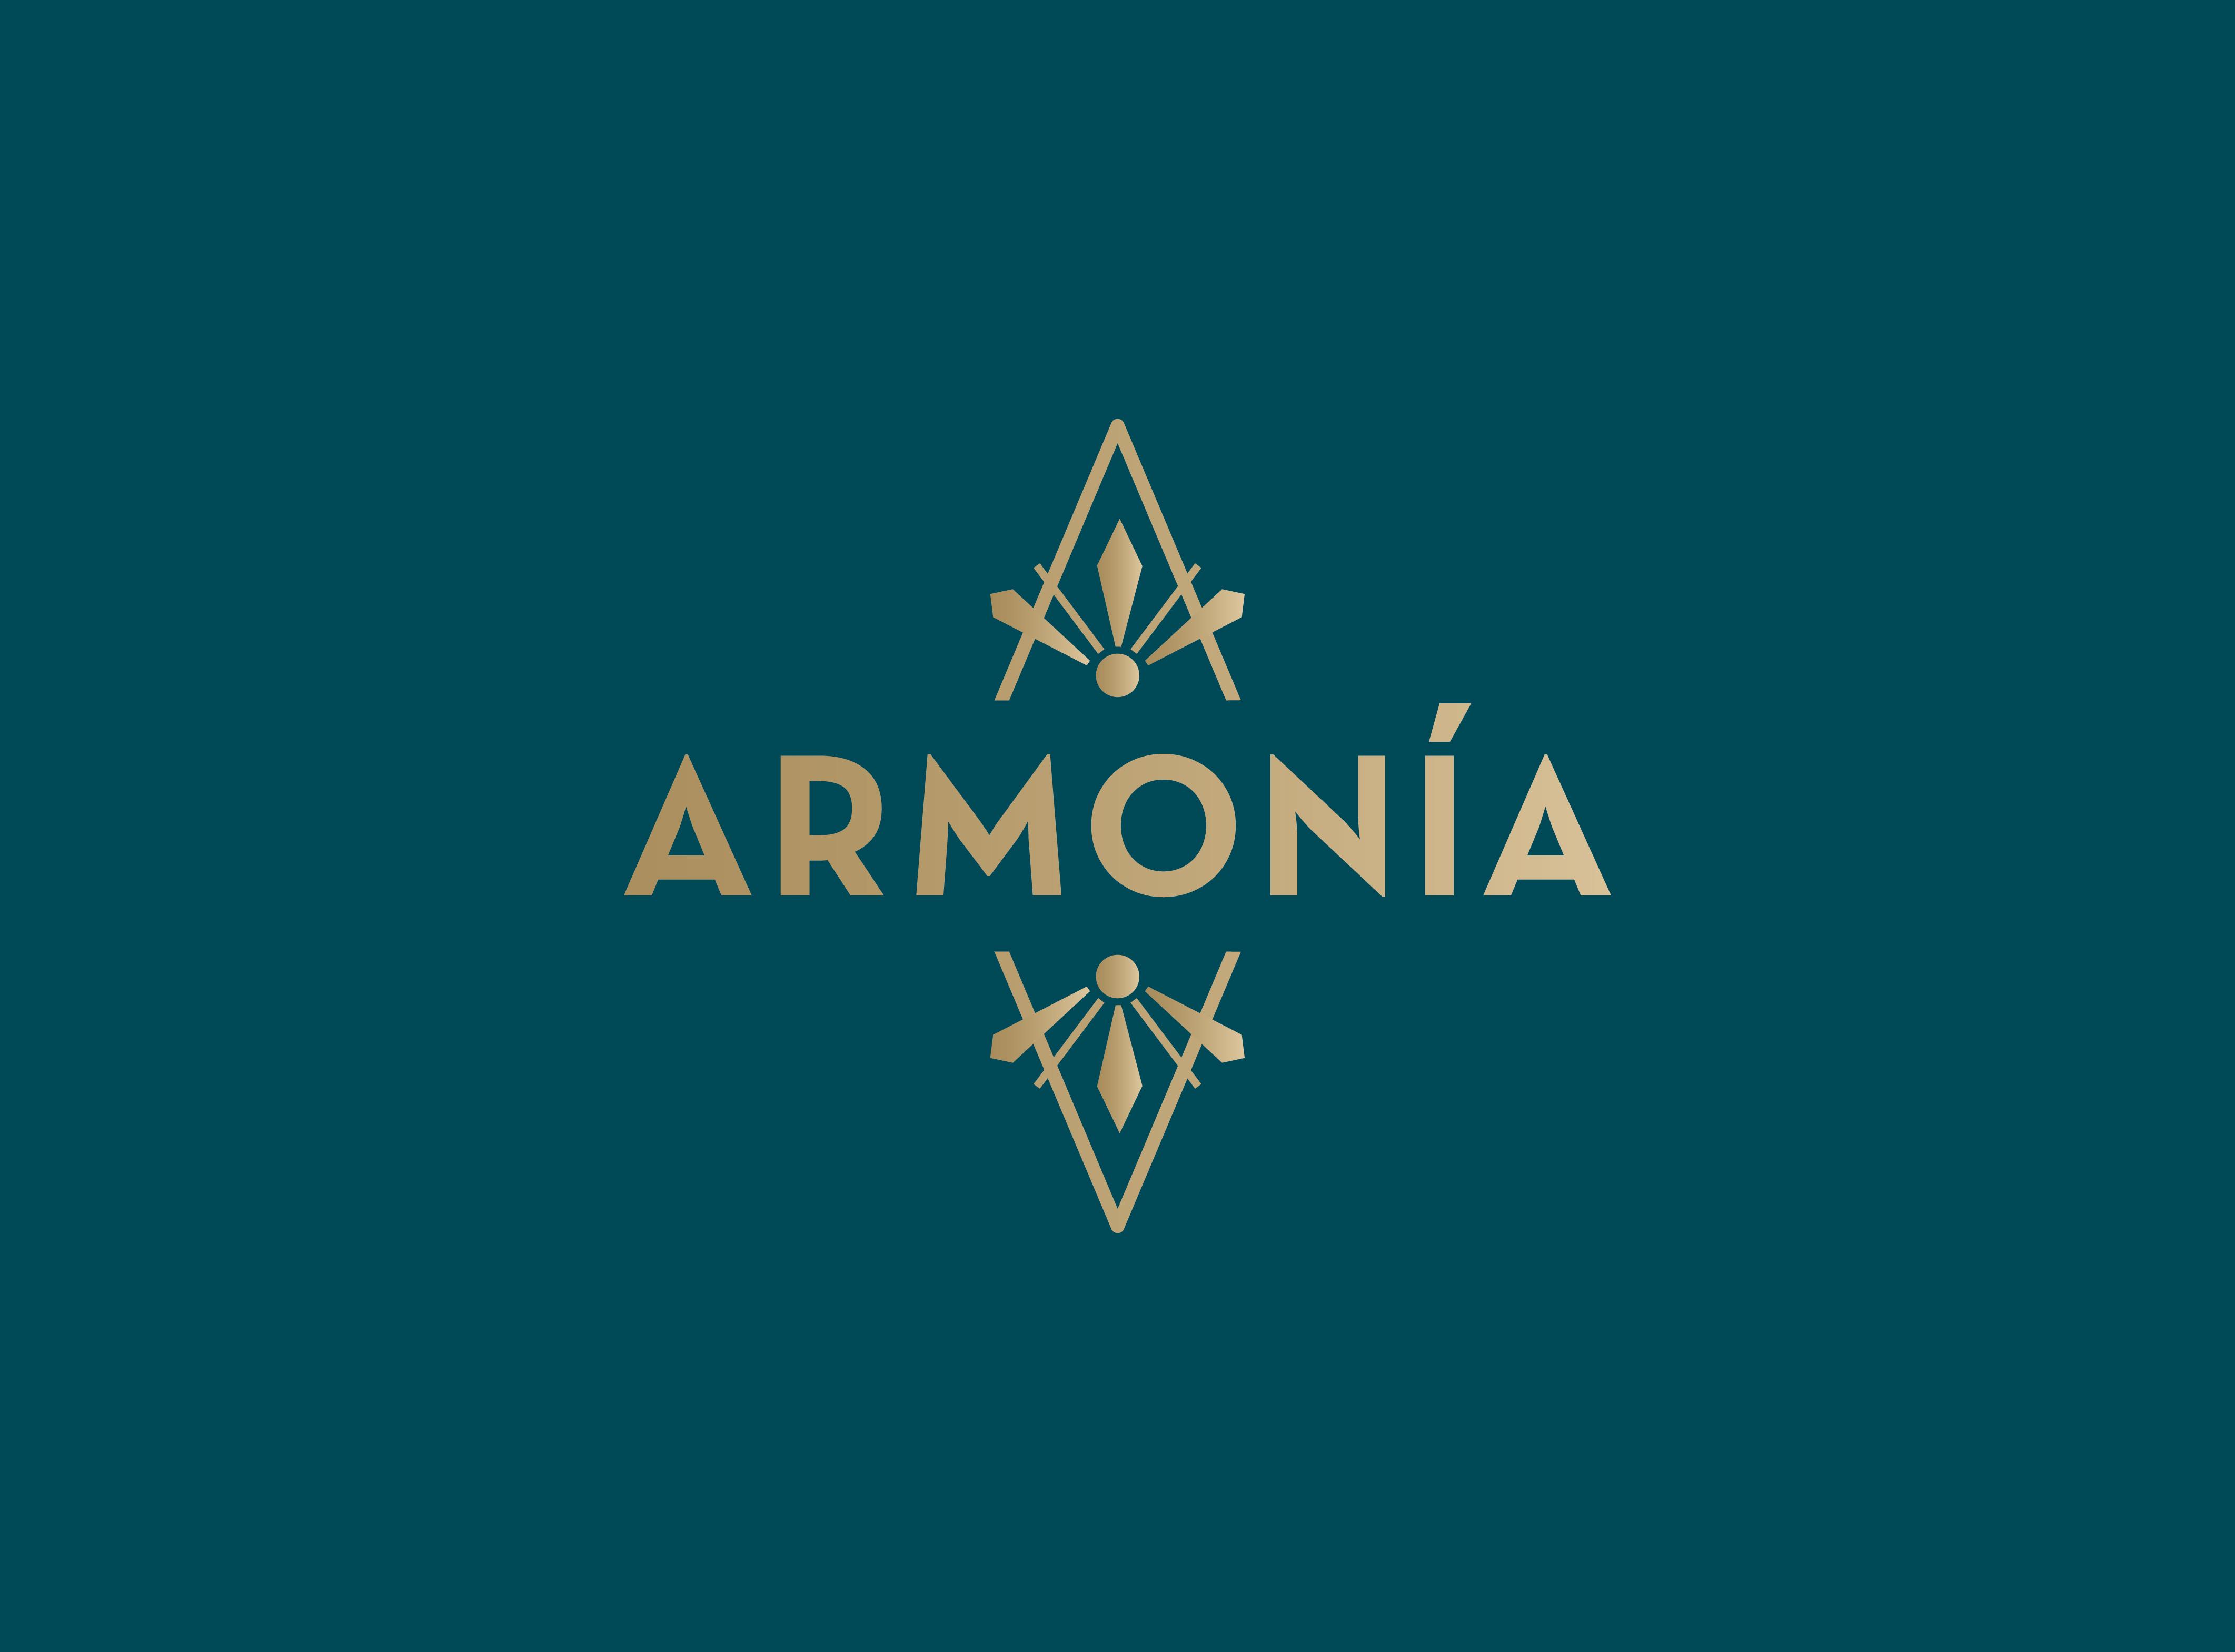 LOGO_ARMONIA2-05